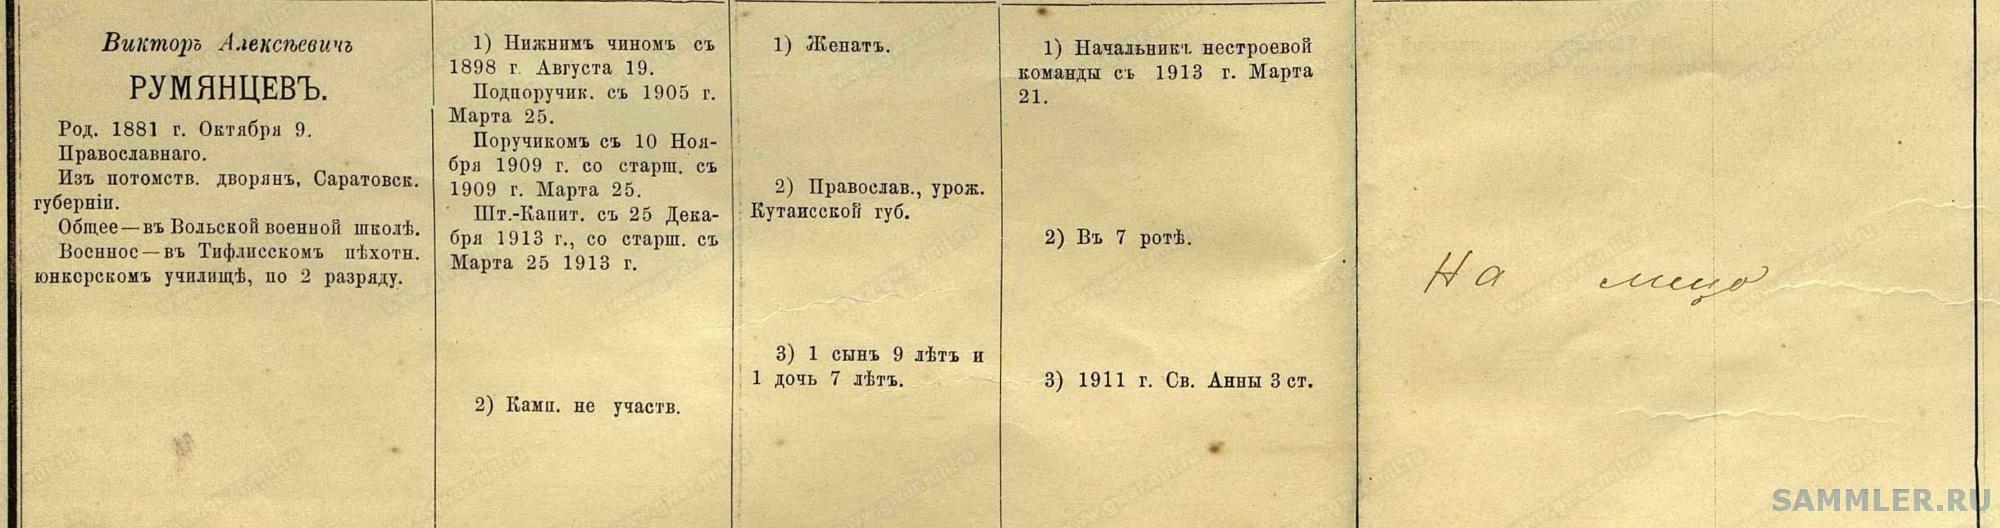 Румянцев В.А.1.jpg